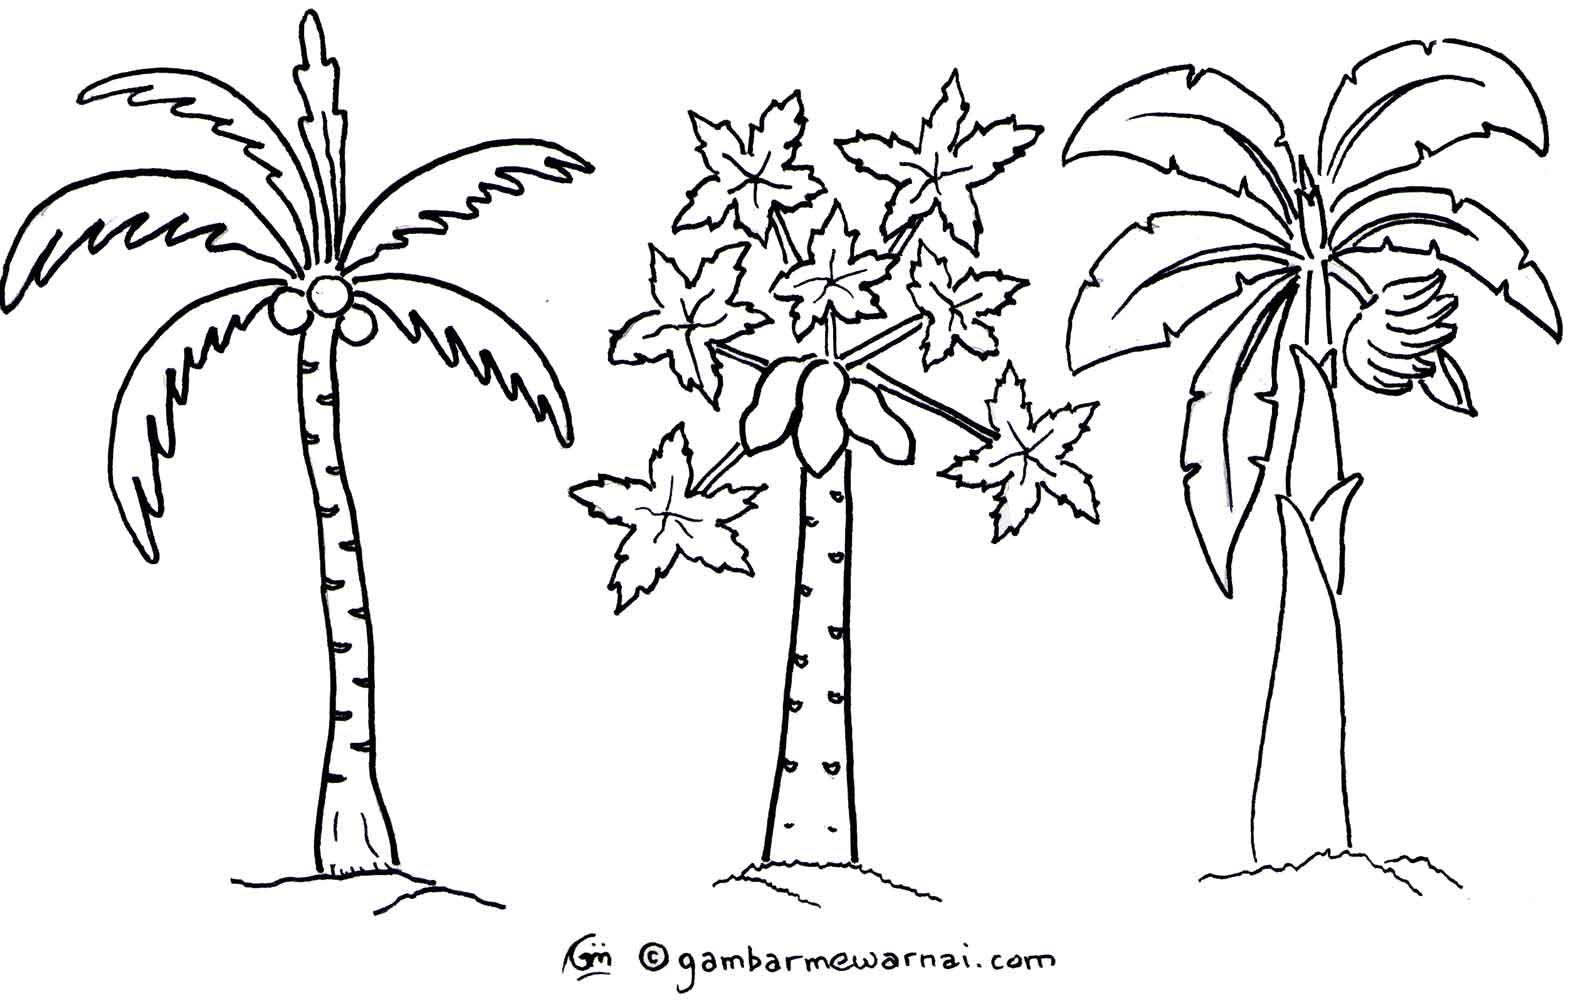 Mewarnai Gambar Pohon Colouring Pages Page 3 Free Gambar Polos